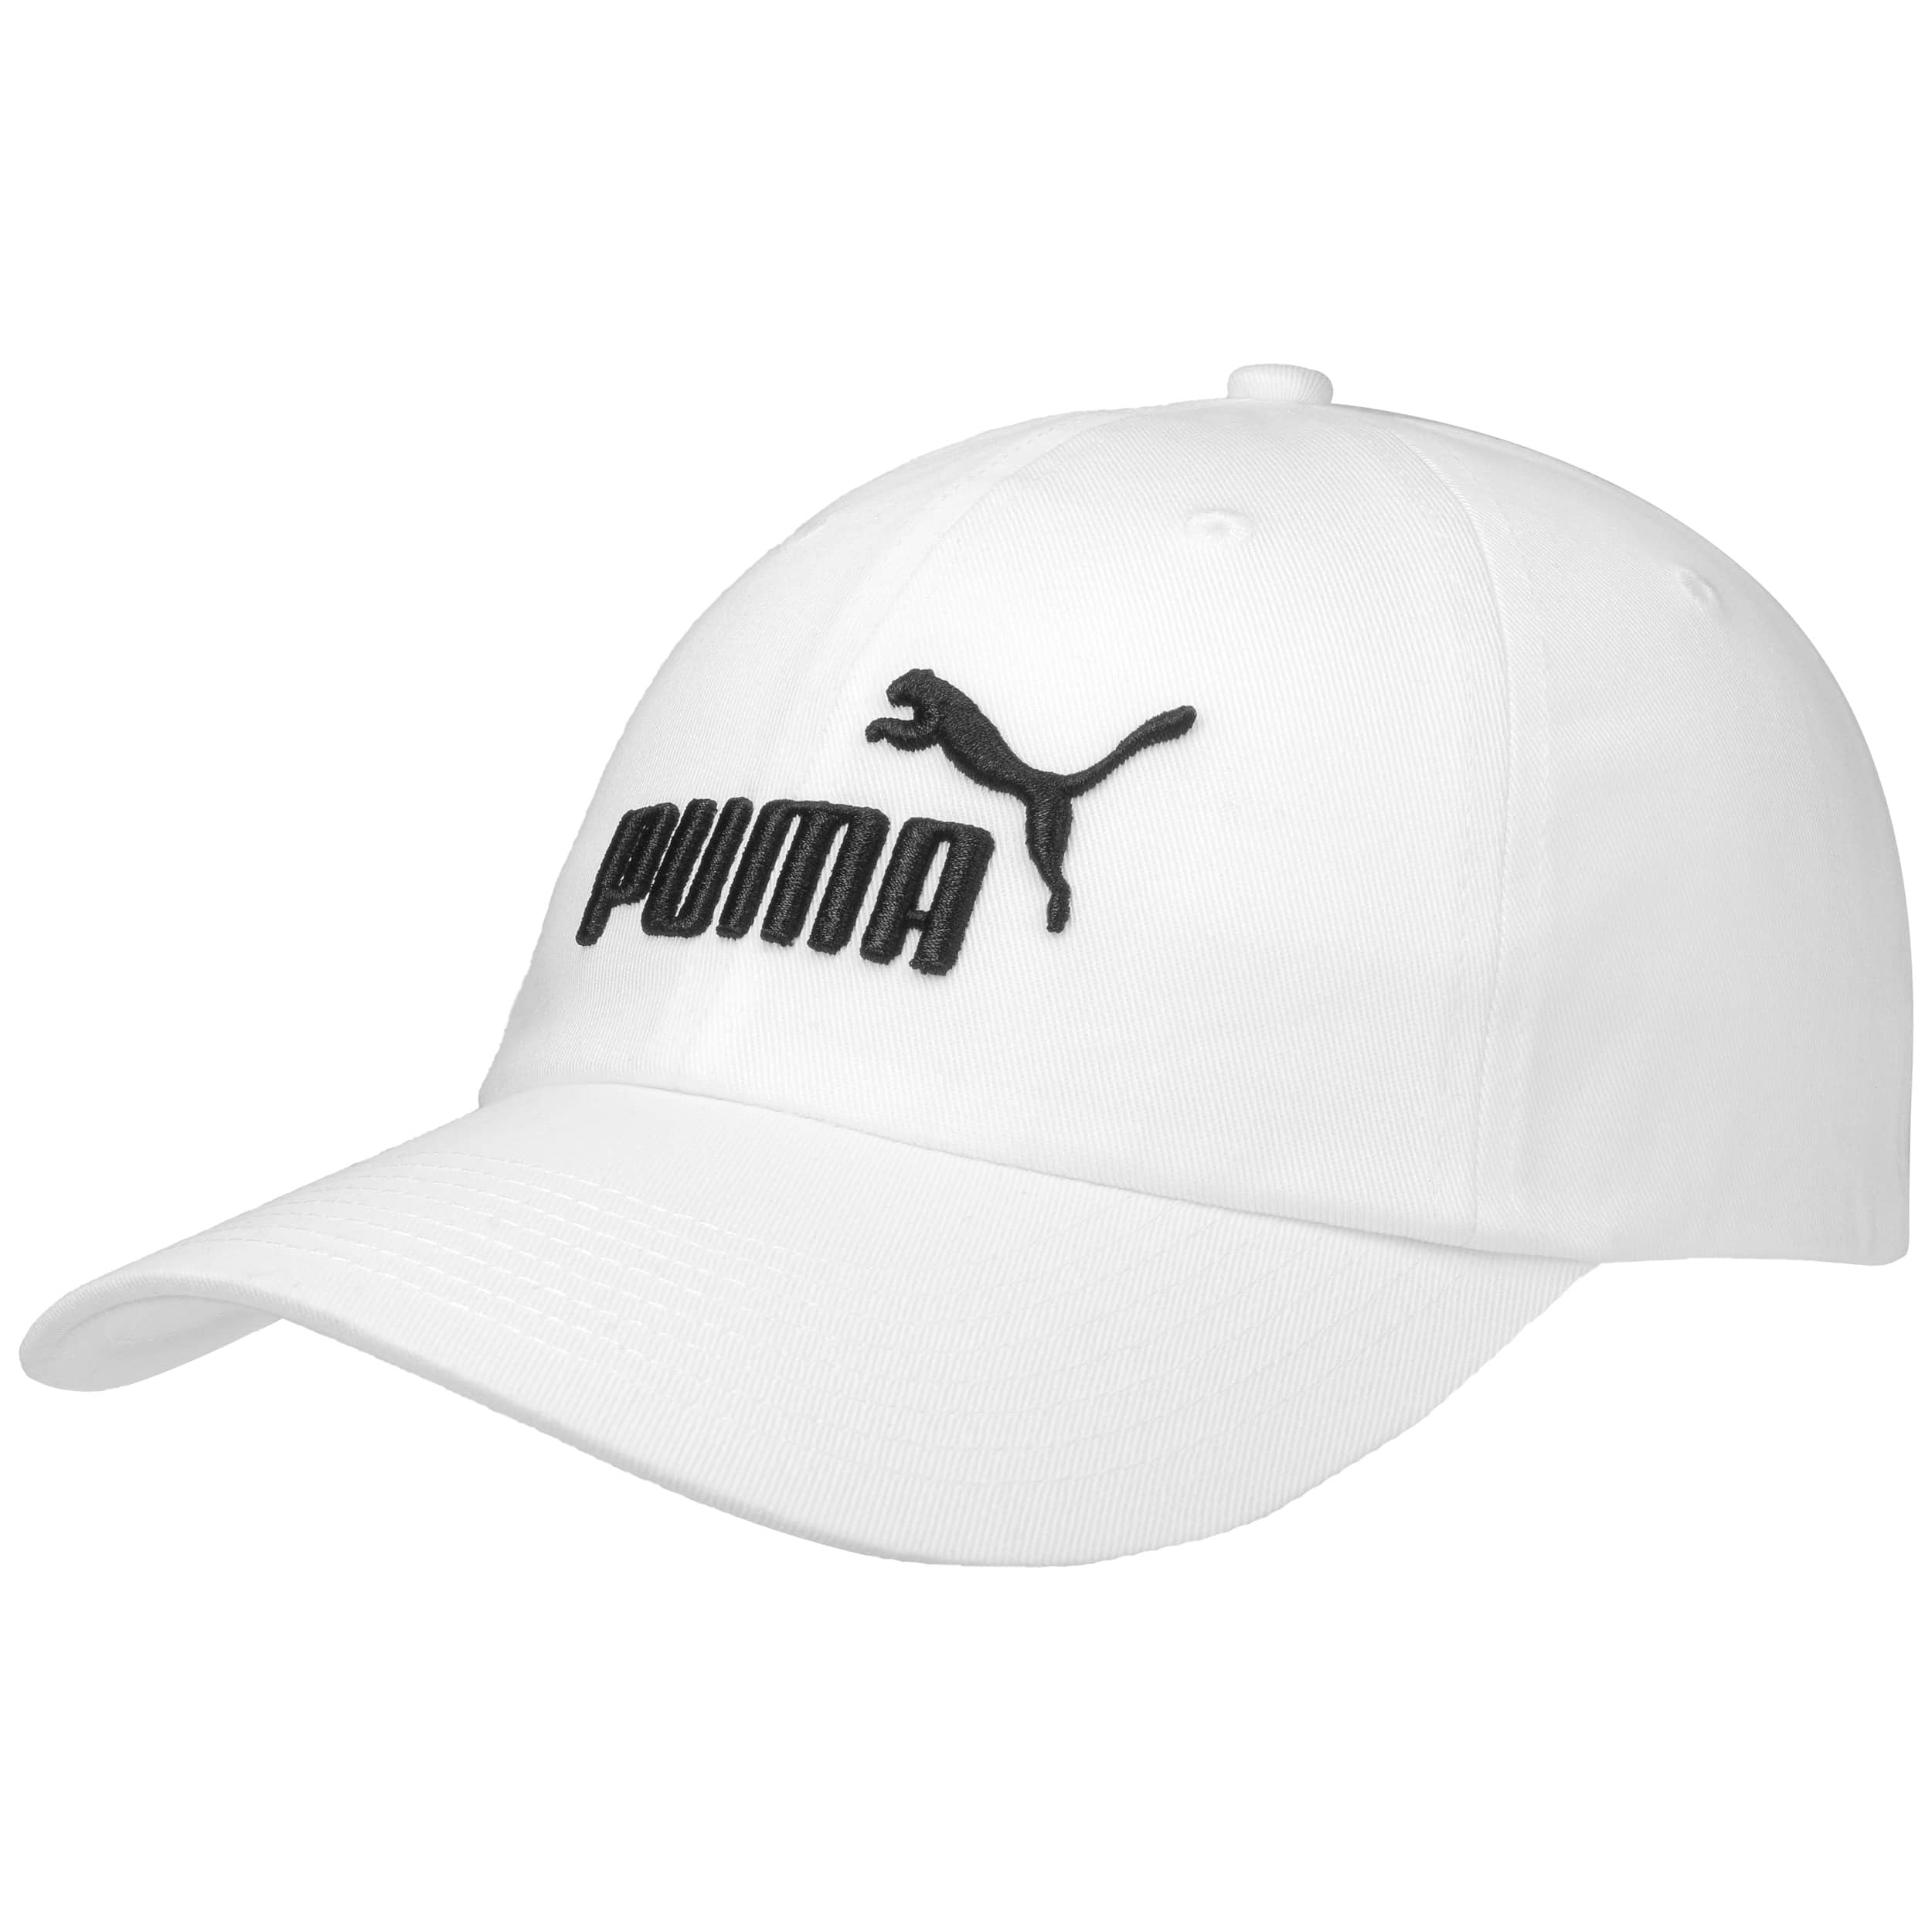 1 Baseball Cap by PUMA - white 5 ... bb19025e3a5f